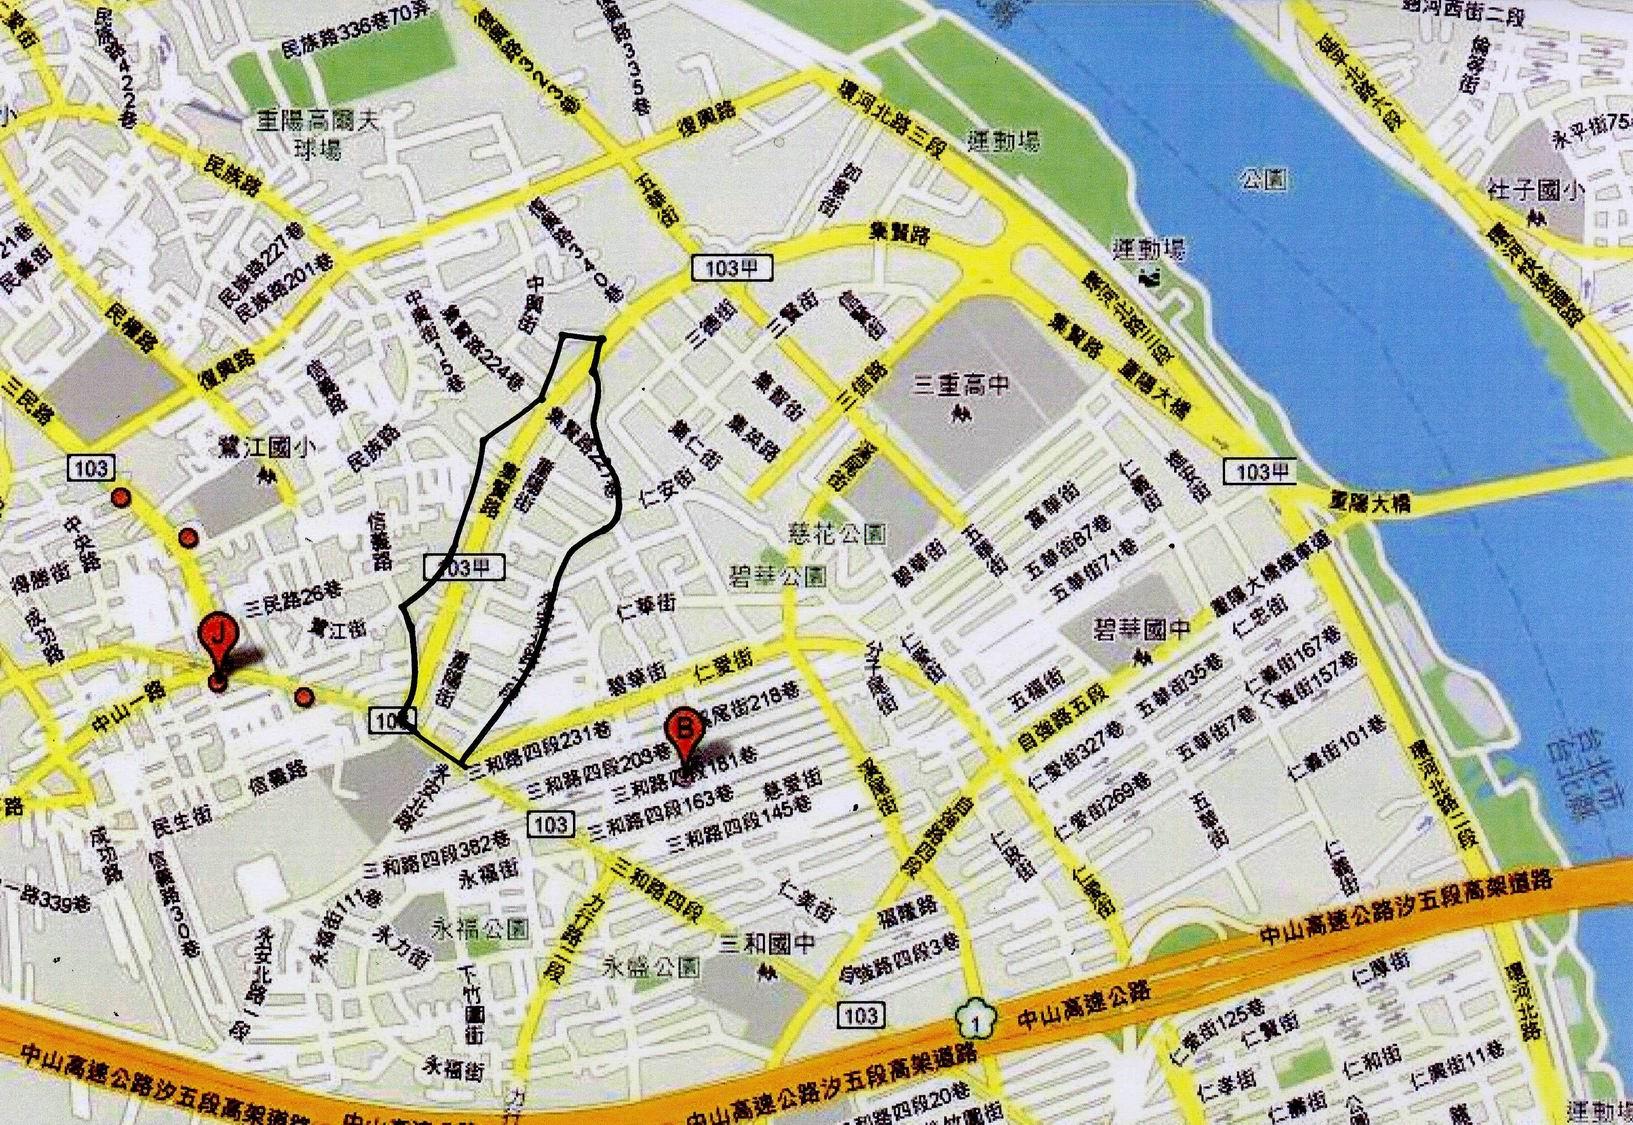 蘆洲重陽市地重劃區範圍圖